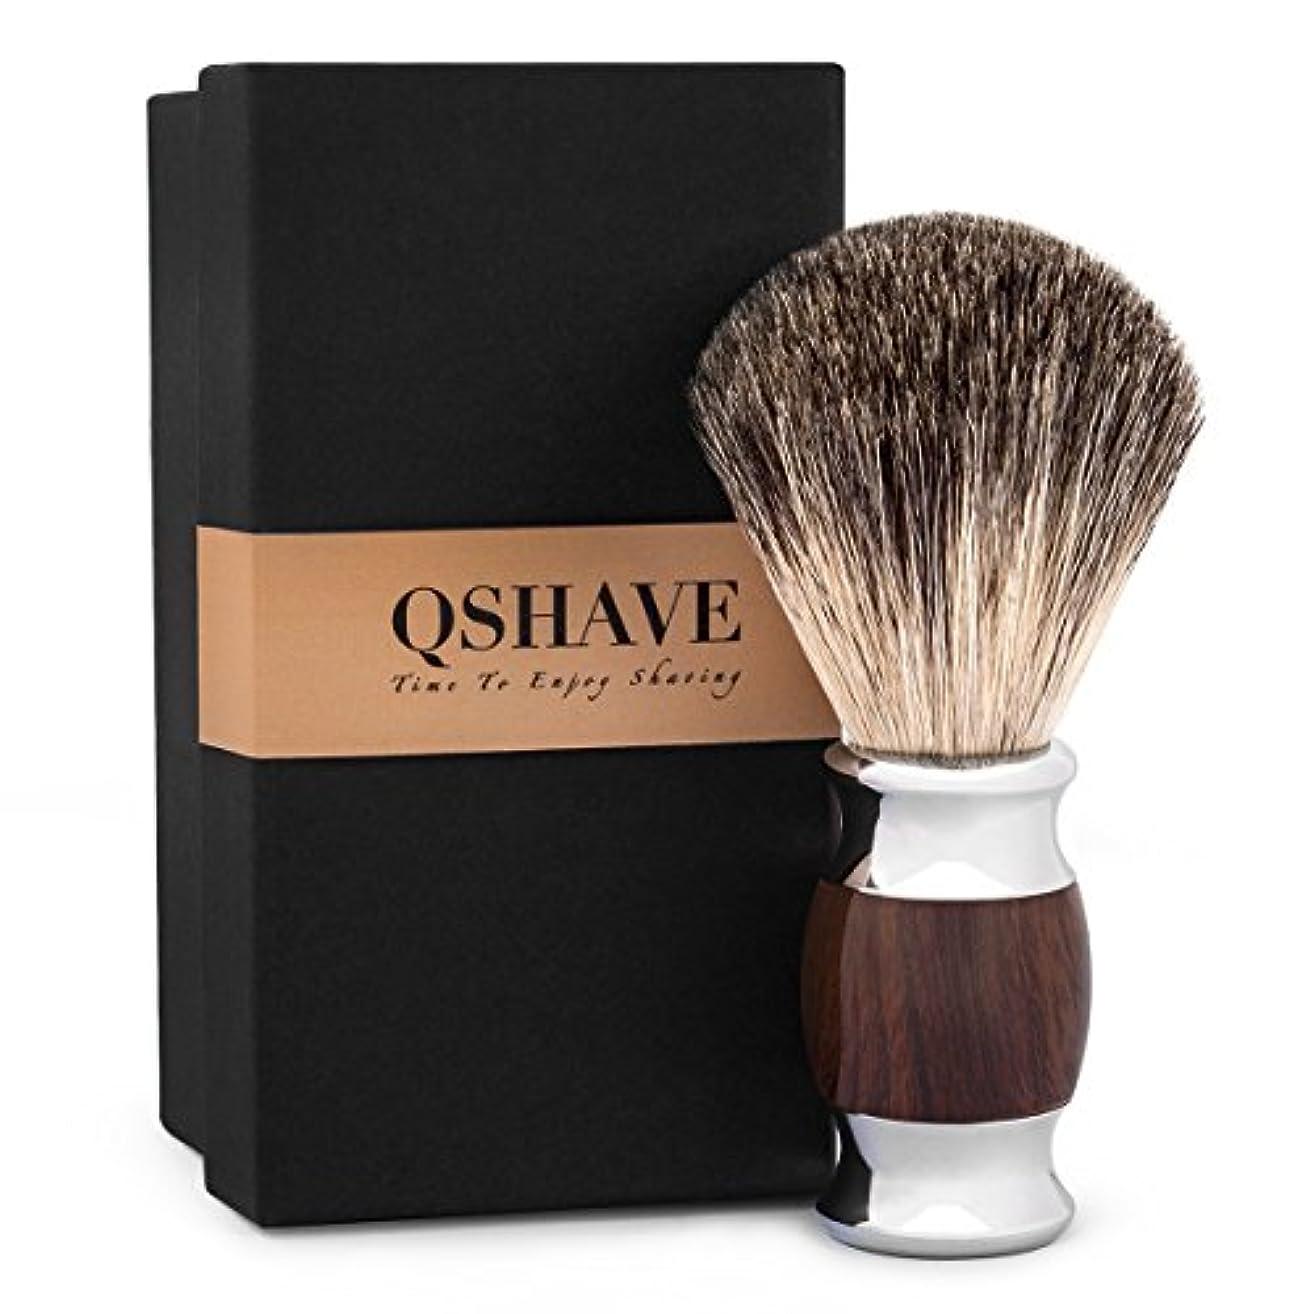 急勾配の聴衆緯度QSHAVE 100%アナグマ毛 木目調ハンドル オリジナルハンドメイドシェービングブラシ。ウェットシェービング、安全カミソリ、両刃カミソリに最適